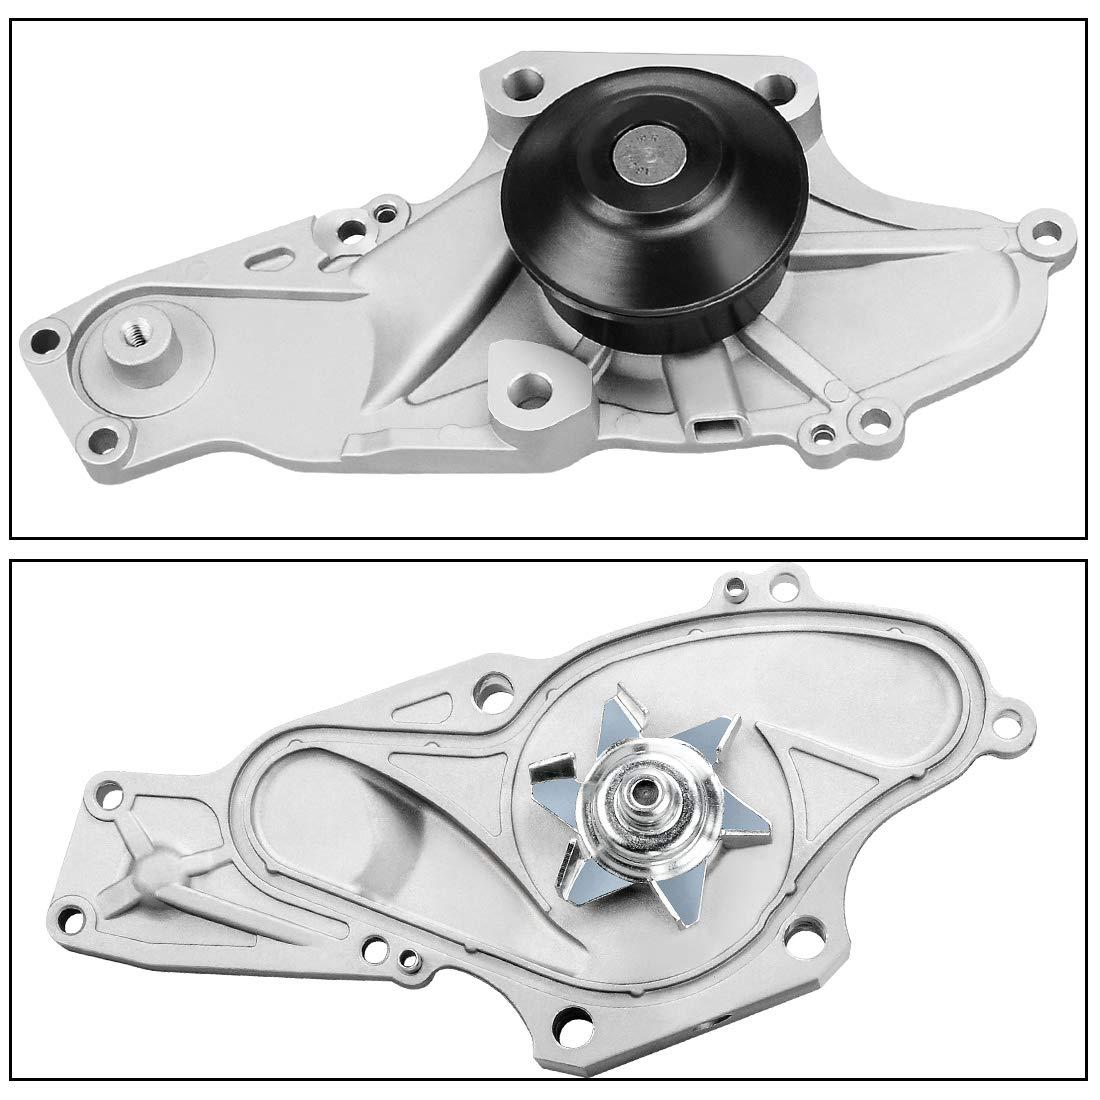 Belts Fits V6-3.5L, 3.7L, 3.0L, 3.2L Engine 2003-2014 Acura 2004 ...